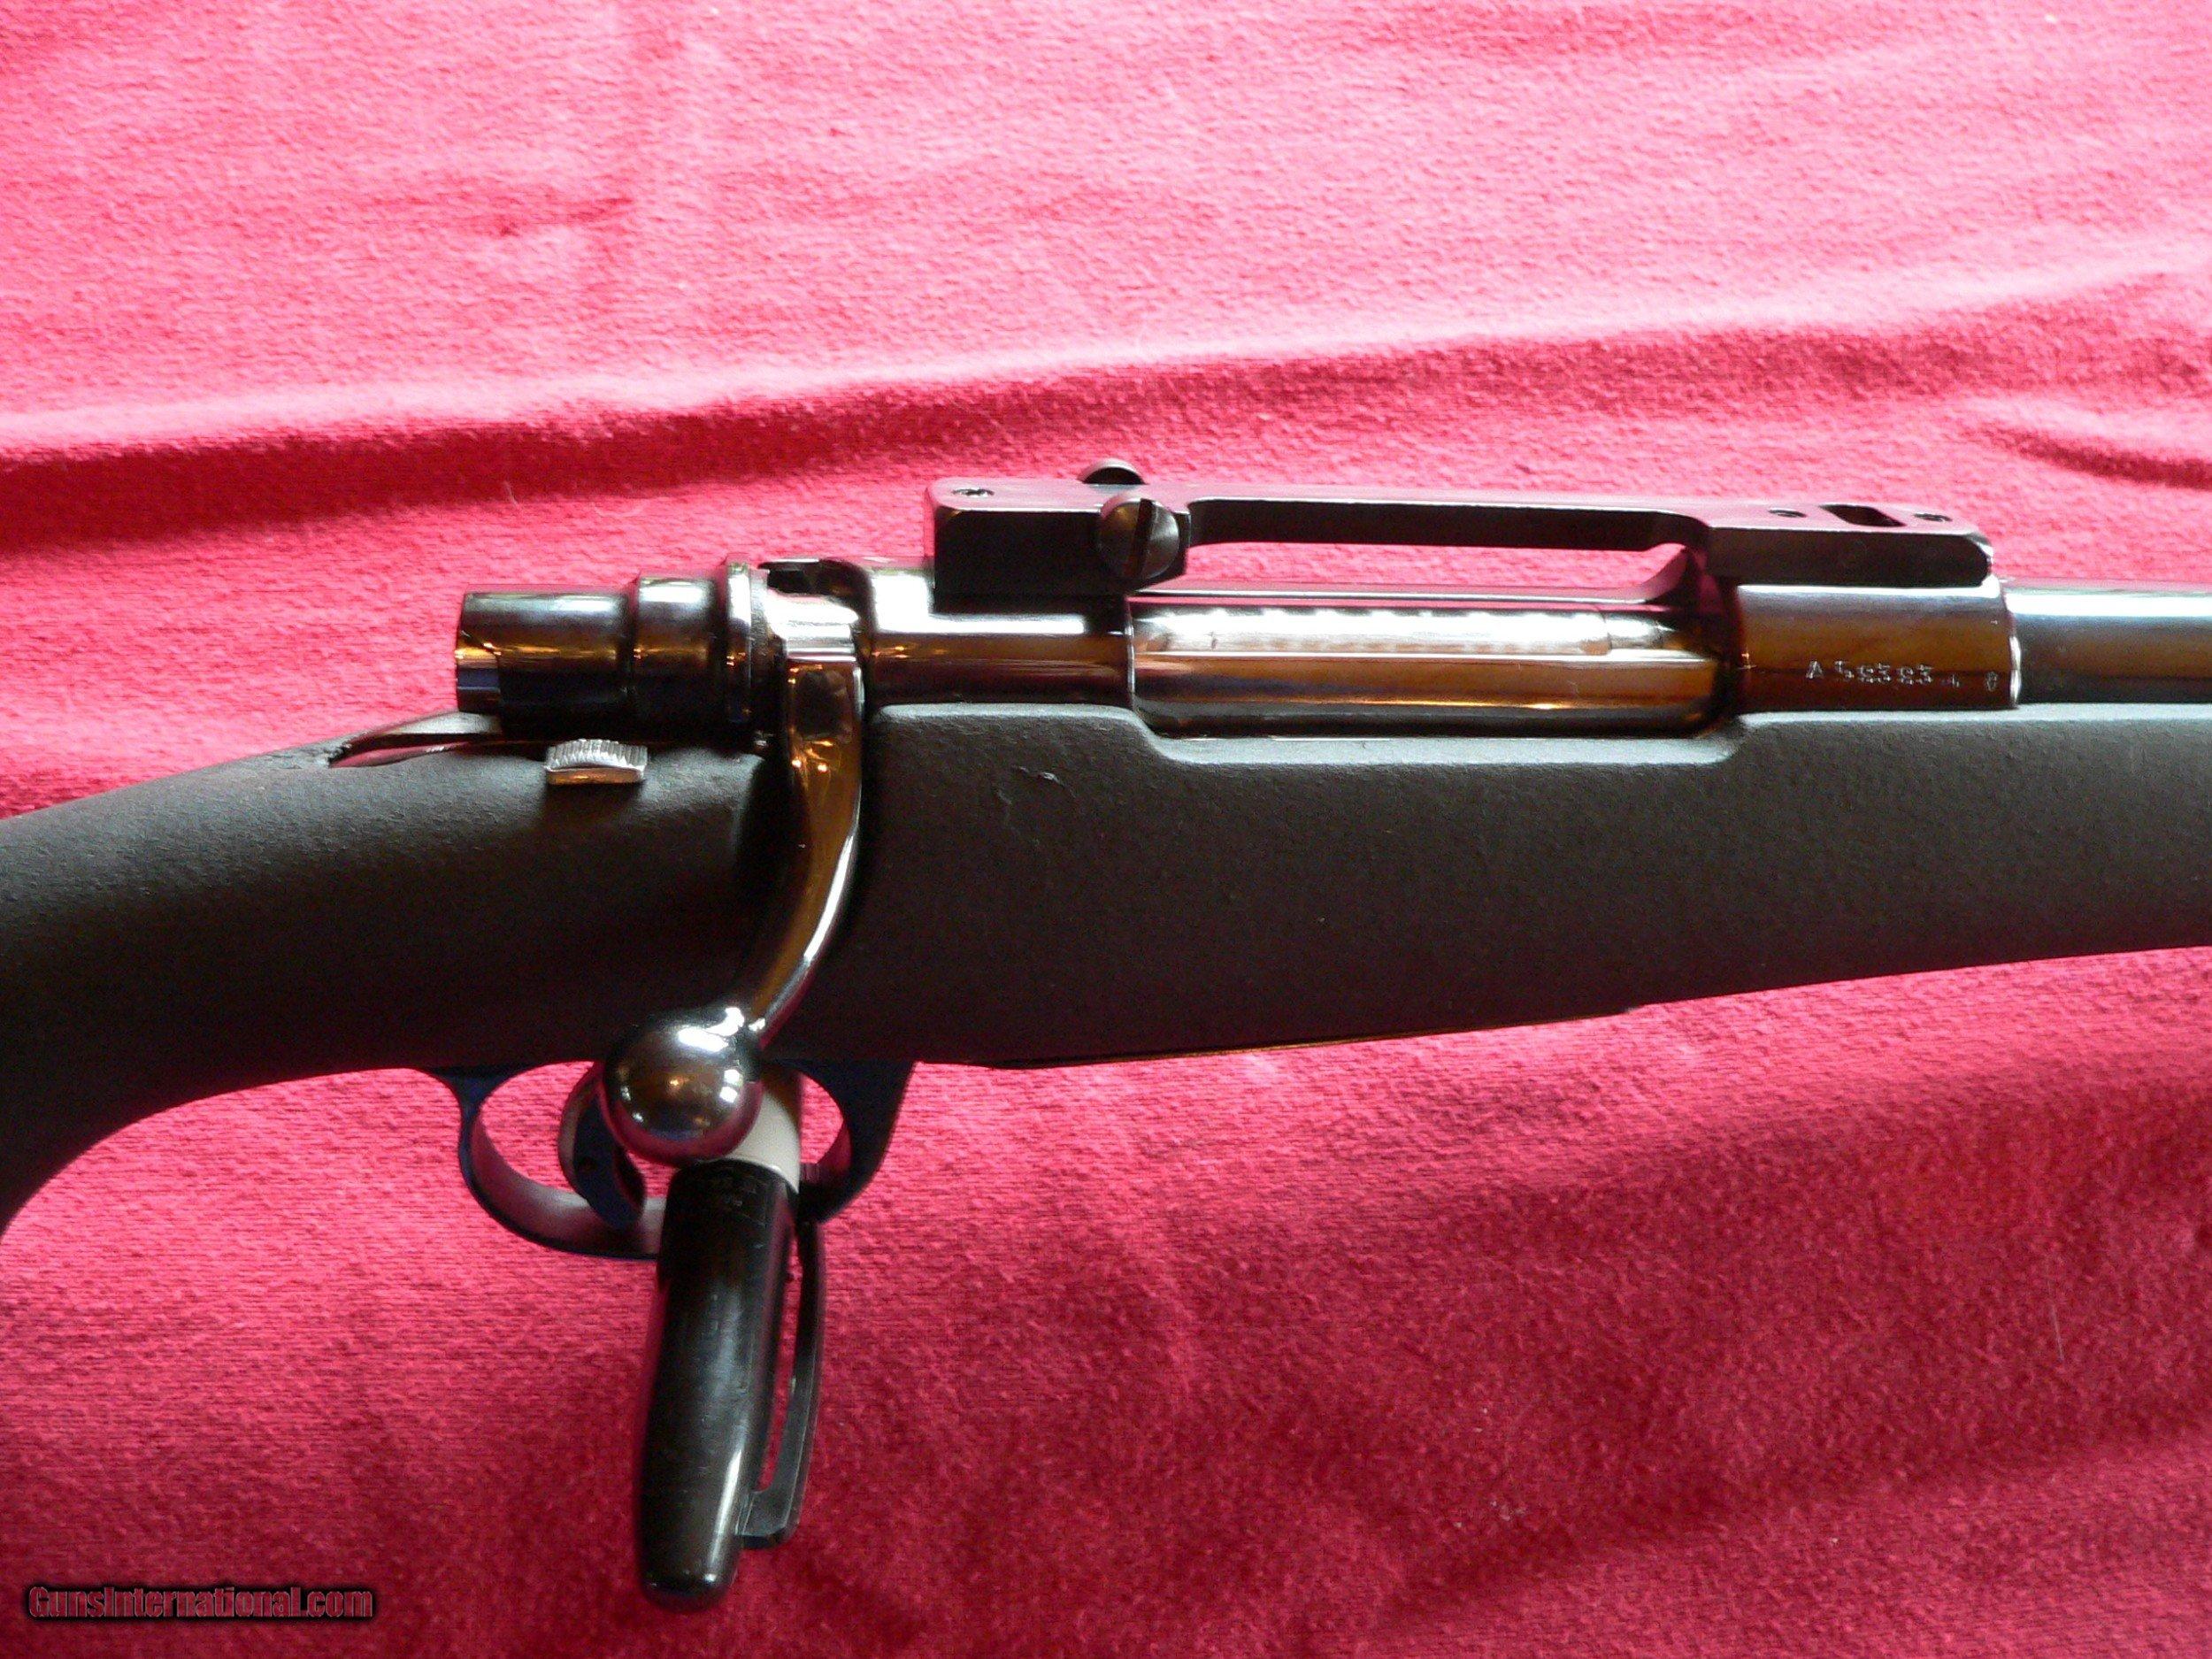 ... Interarms Model X cal. 300 Wby. Mag.